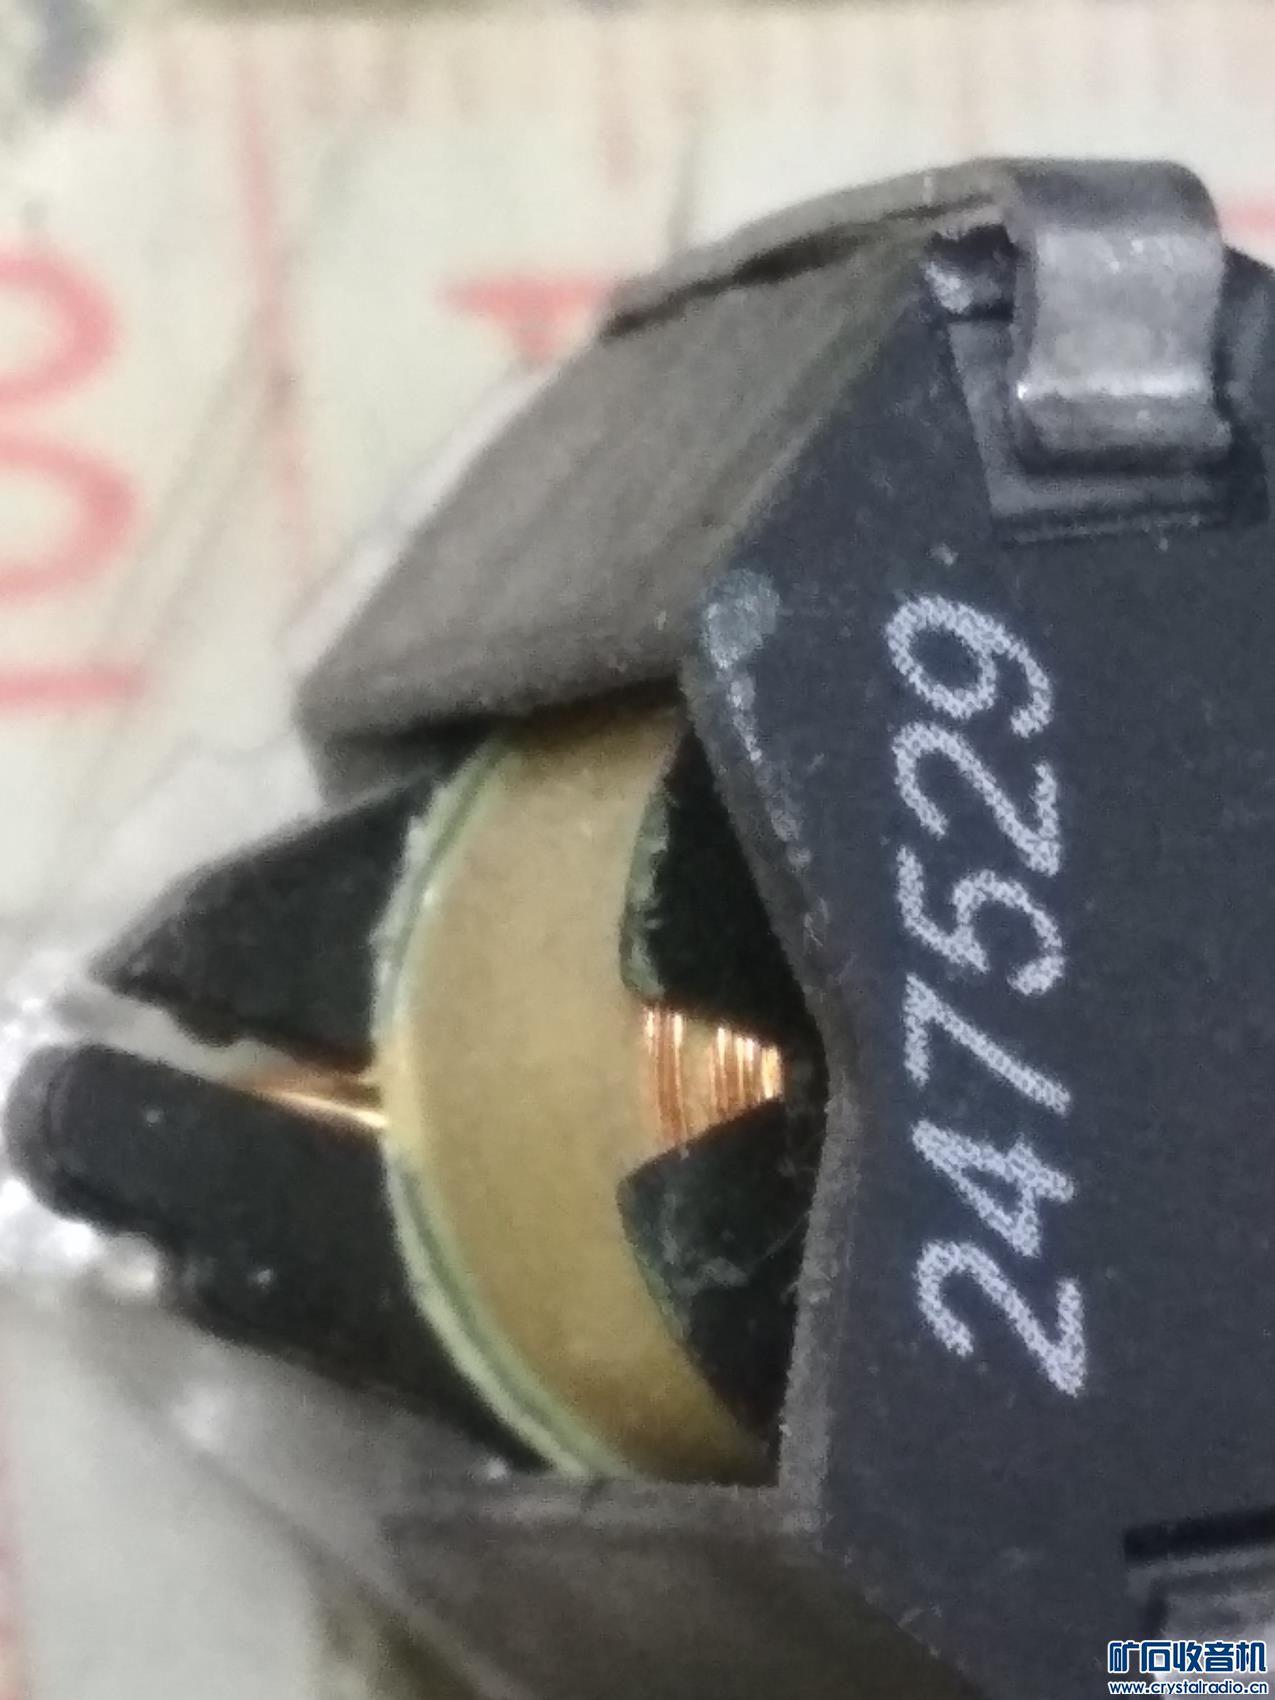 6030号进口每个0.3元 (2).jpg